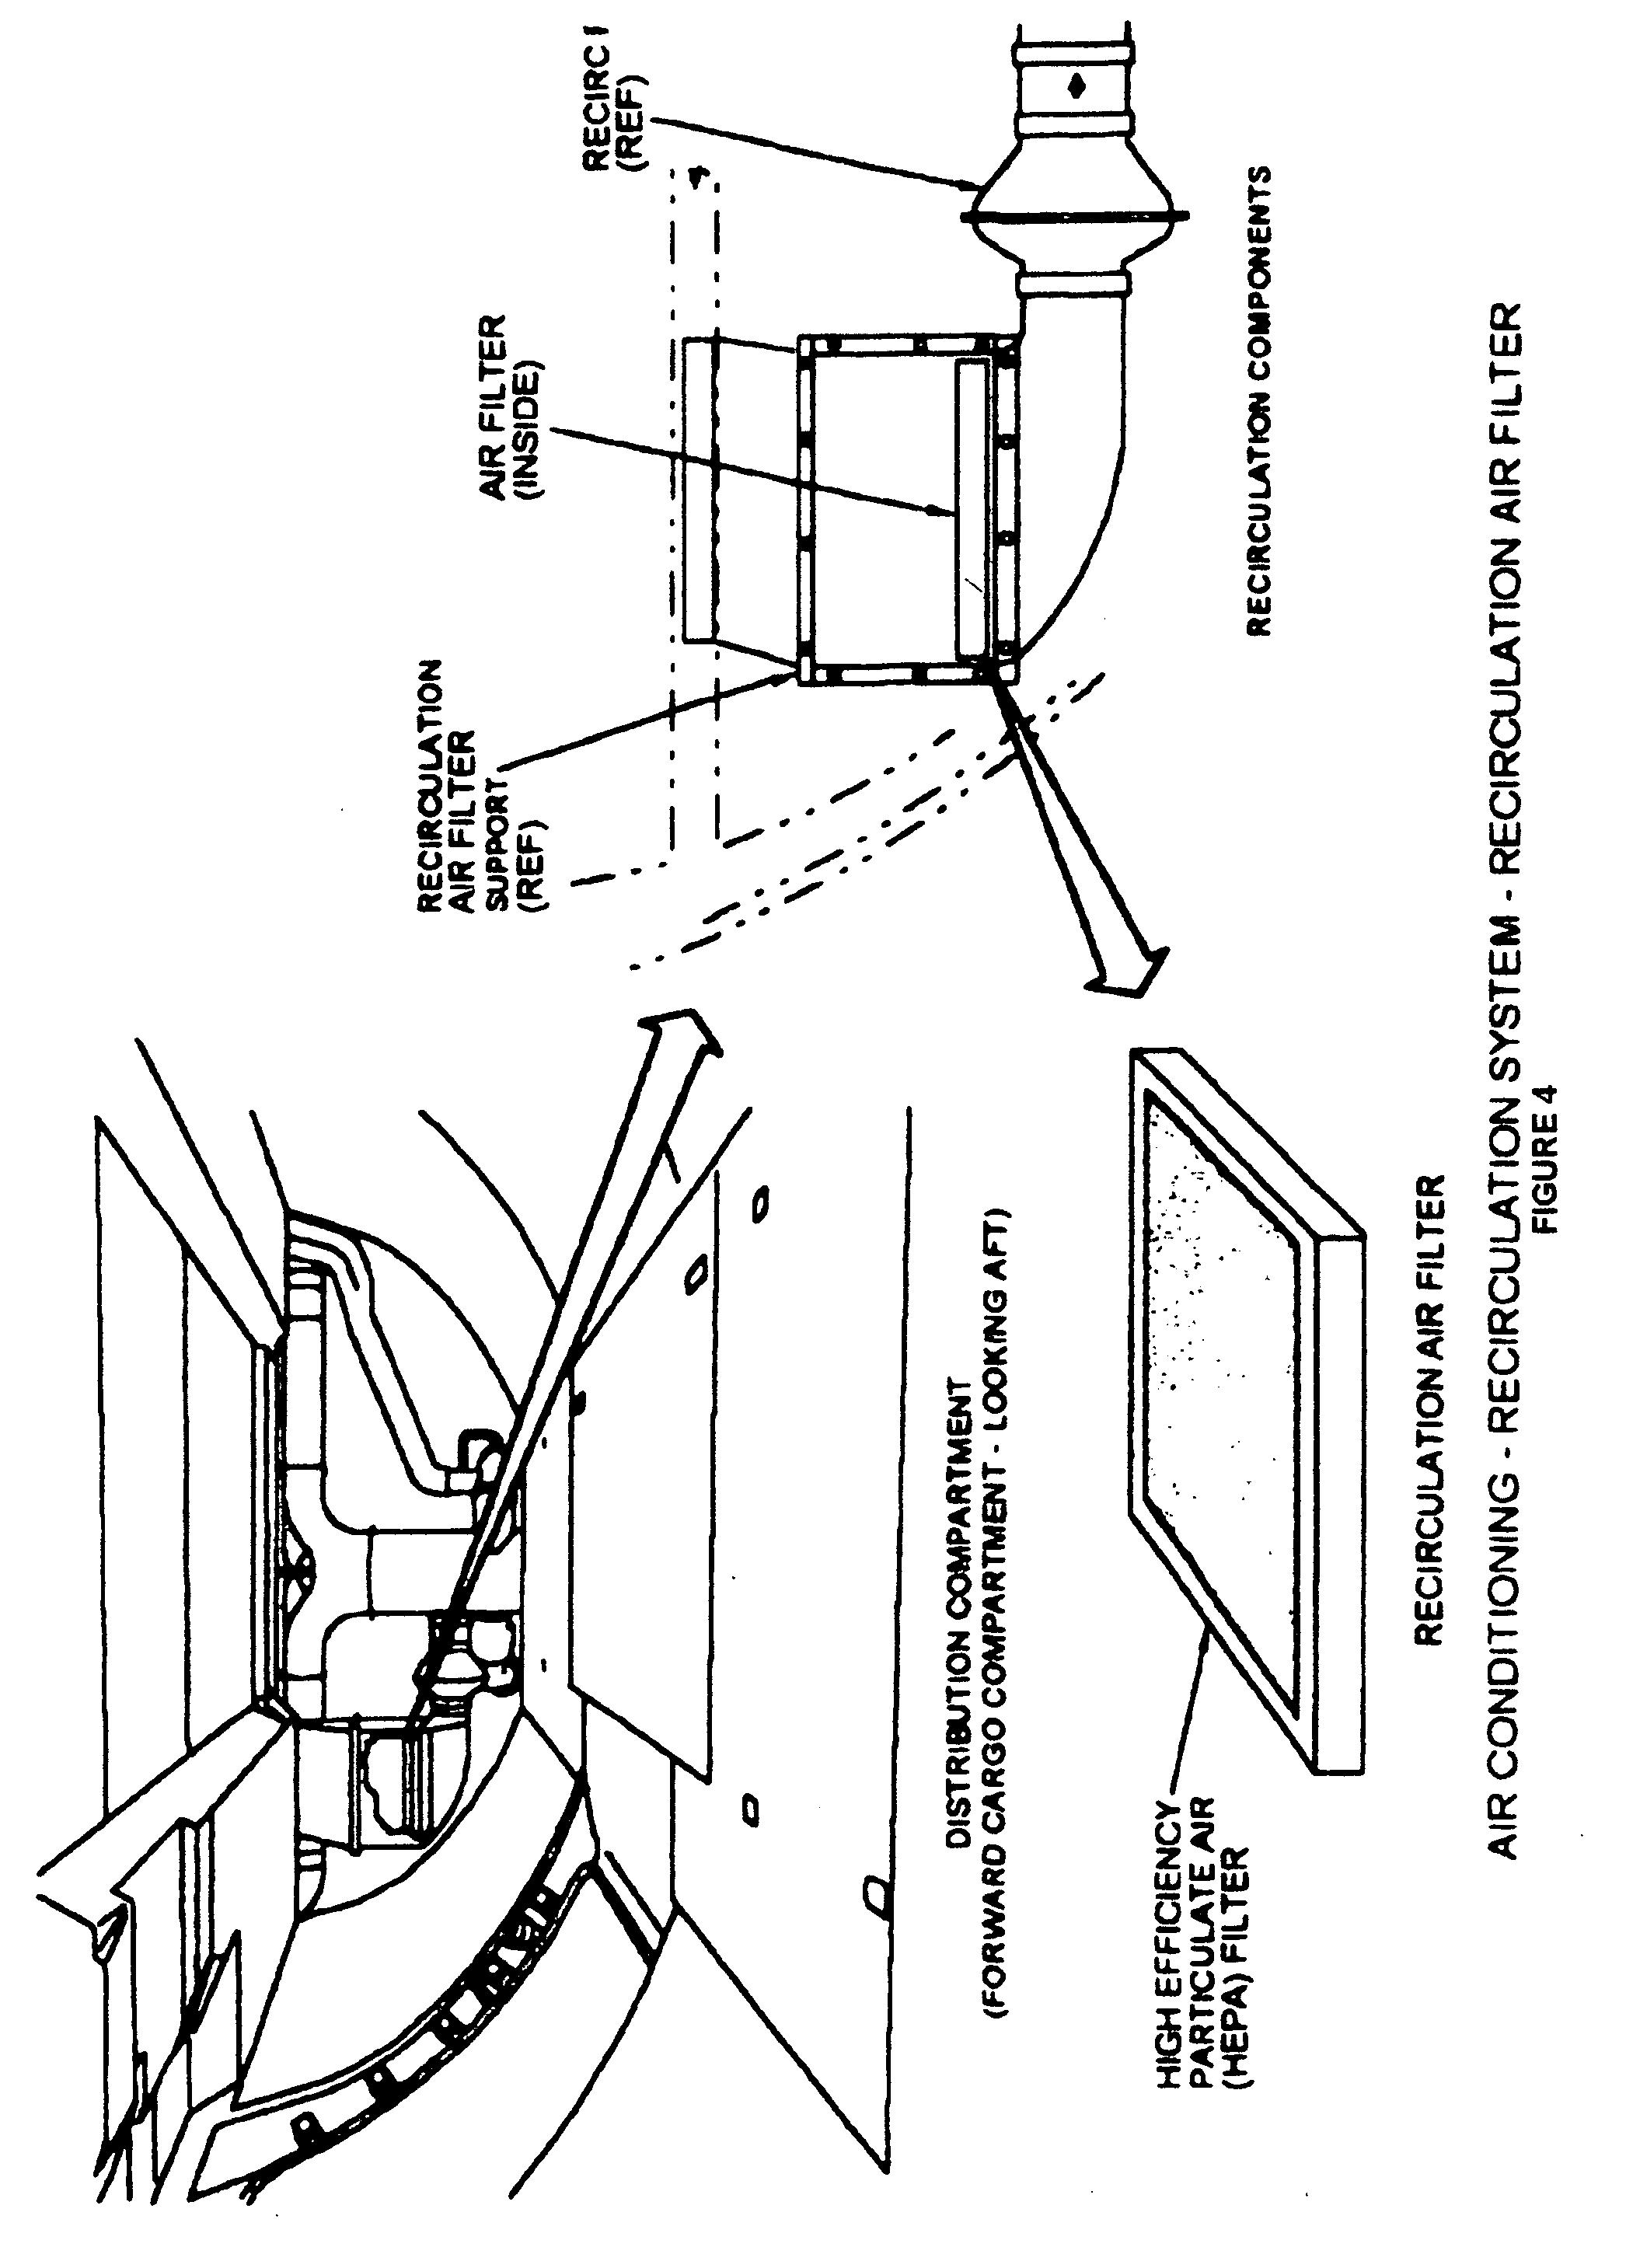 patent us20090017742